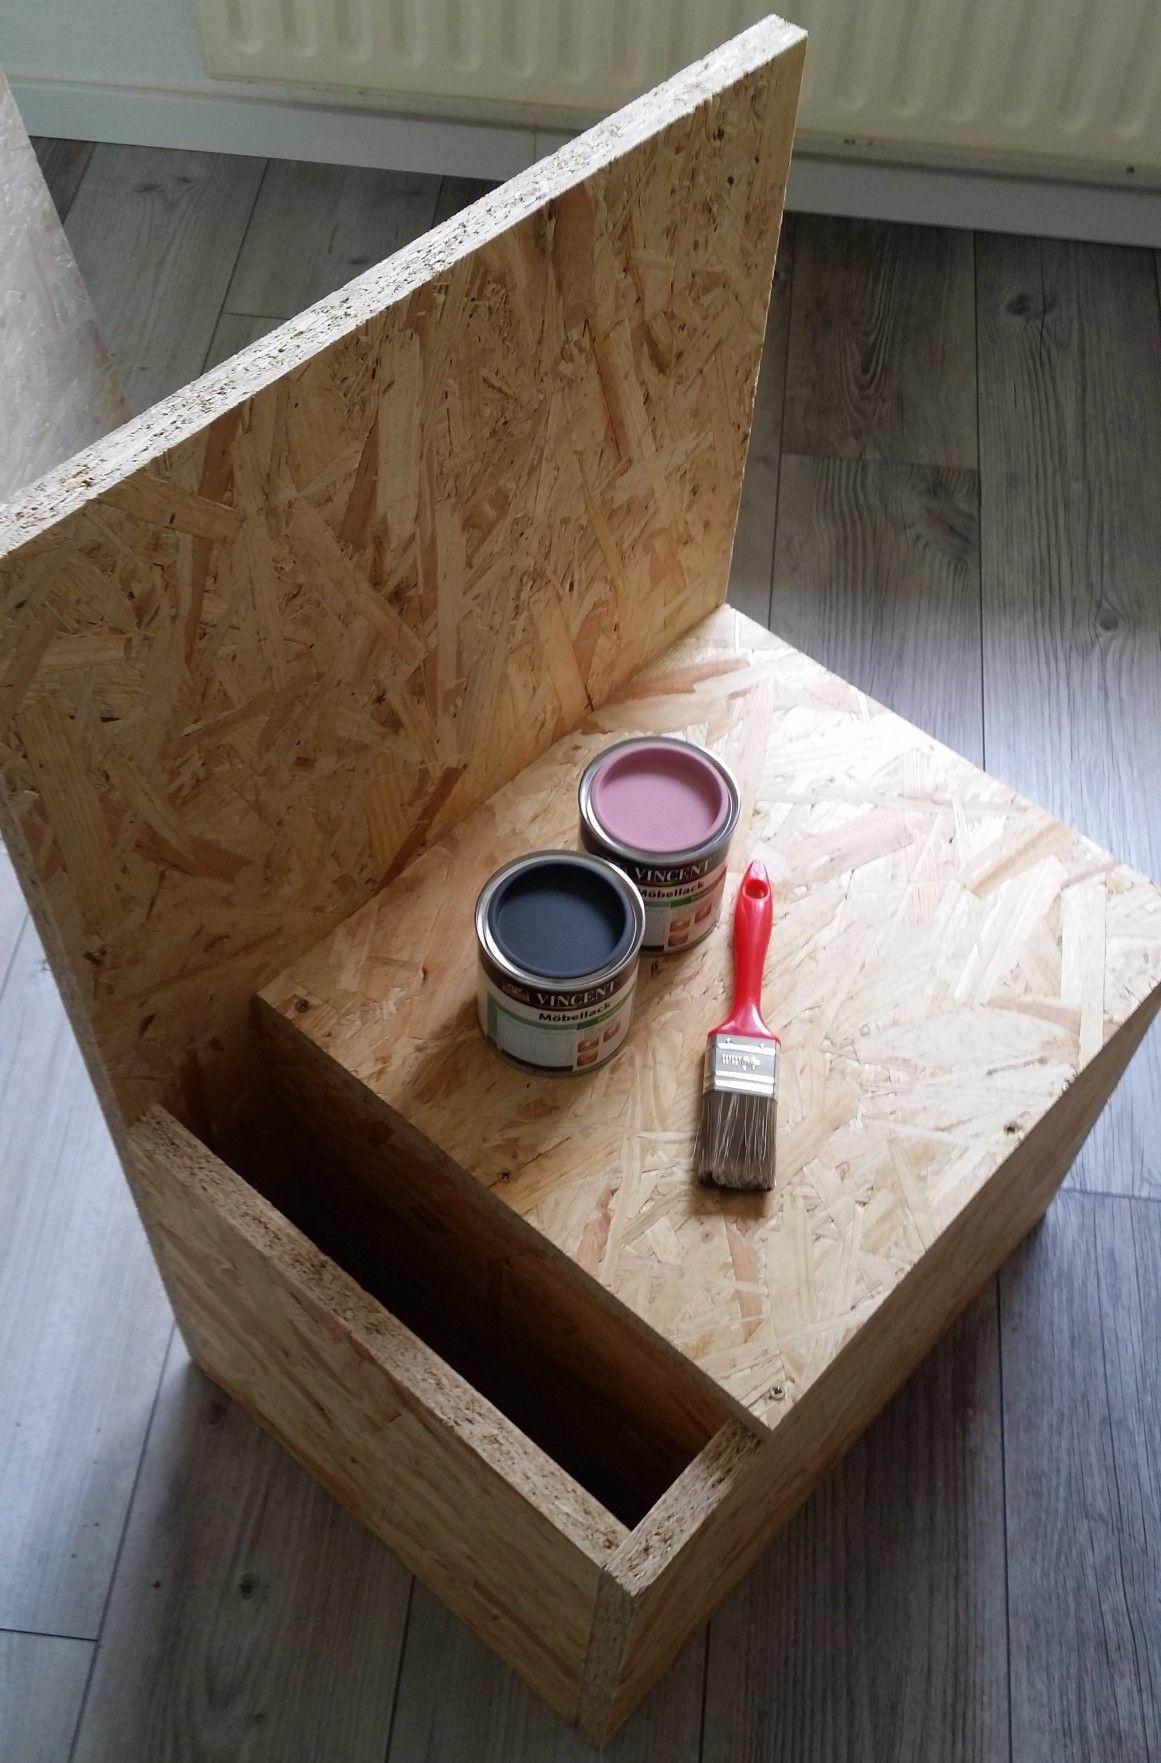 Döppken Veredeln Raumpiraterie Rosa Grau Holz Streichen Kindergarderobe  Möbel Selberbauen Diy Aufbewahrung